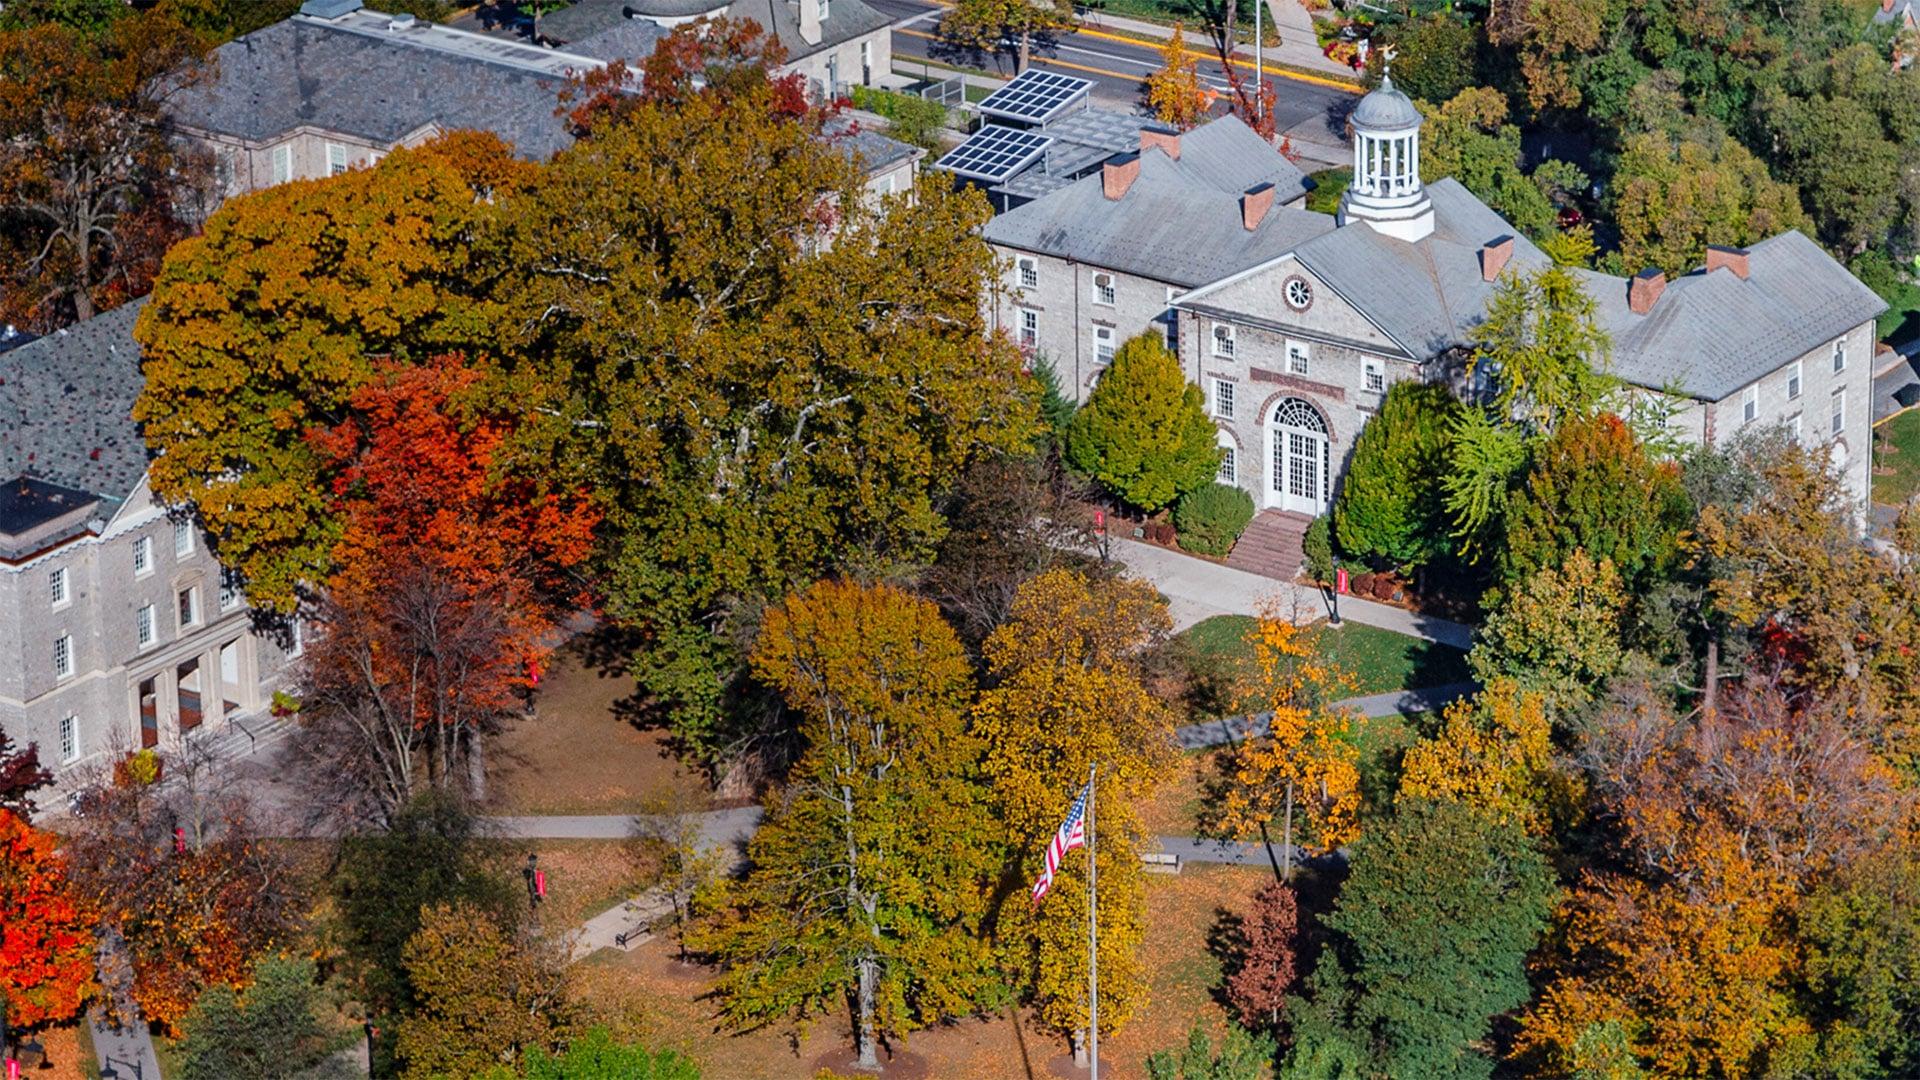 Campus Utilities at Dickinson College